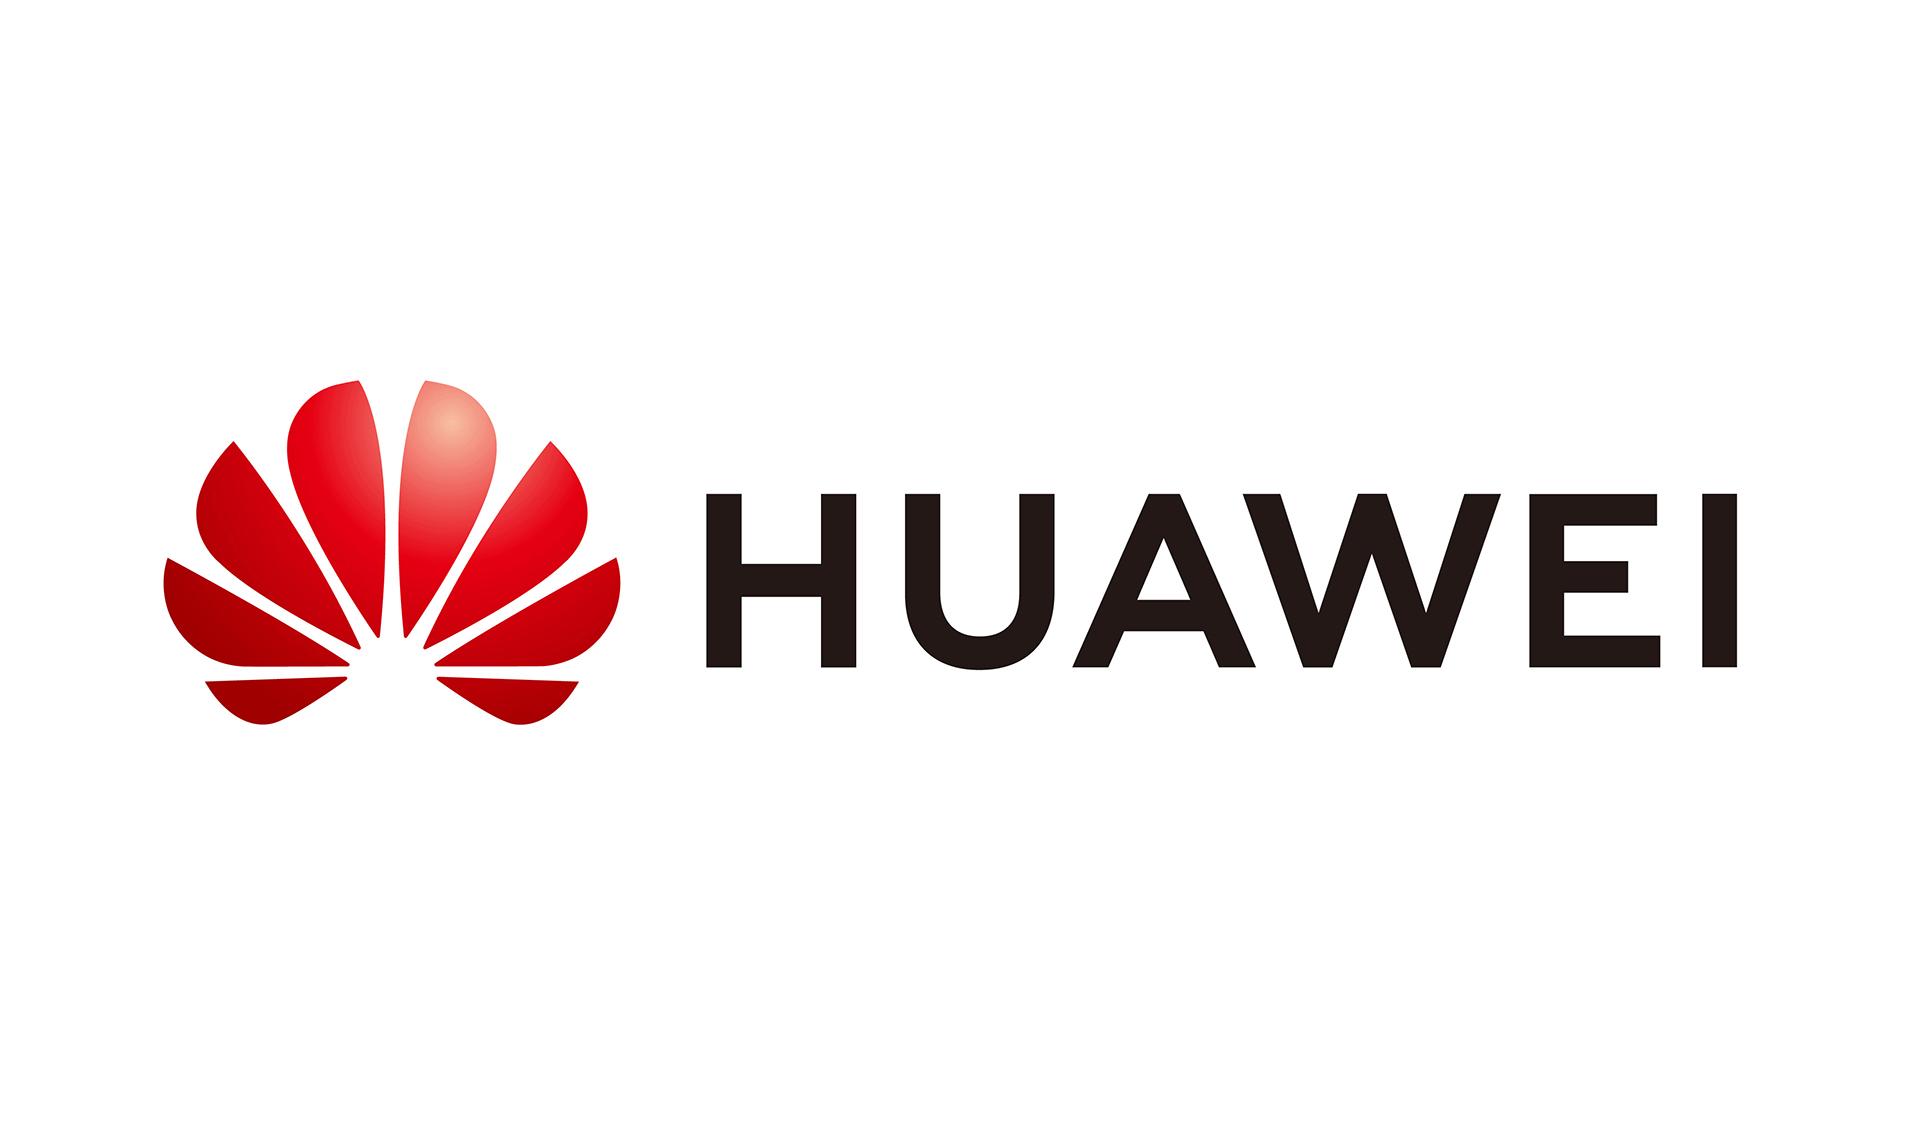 华为发布HiSec零信任安全解决方案 助力企业数字化转型